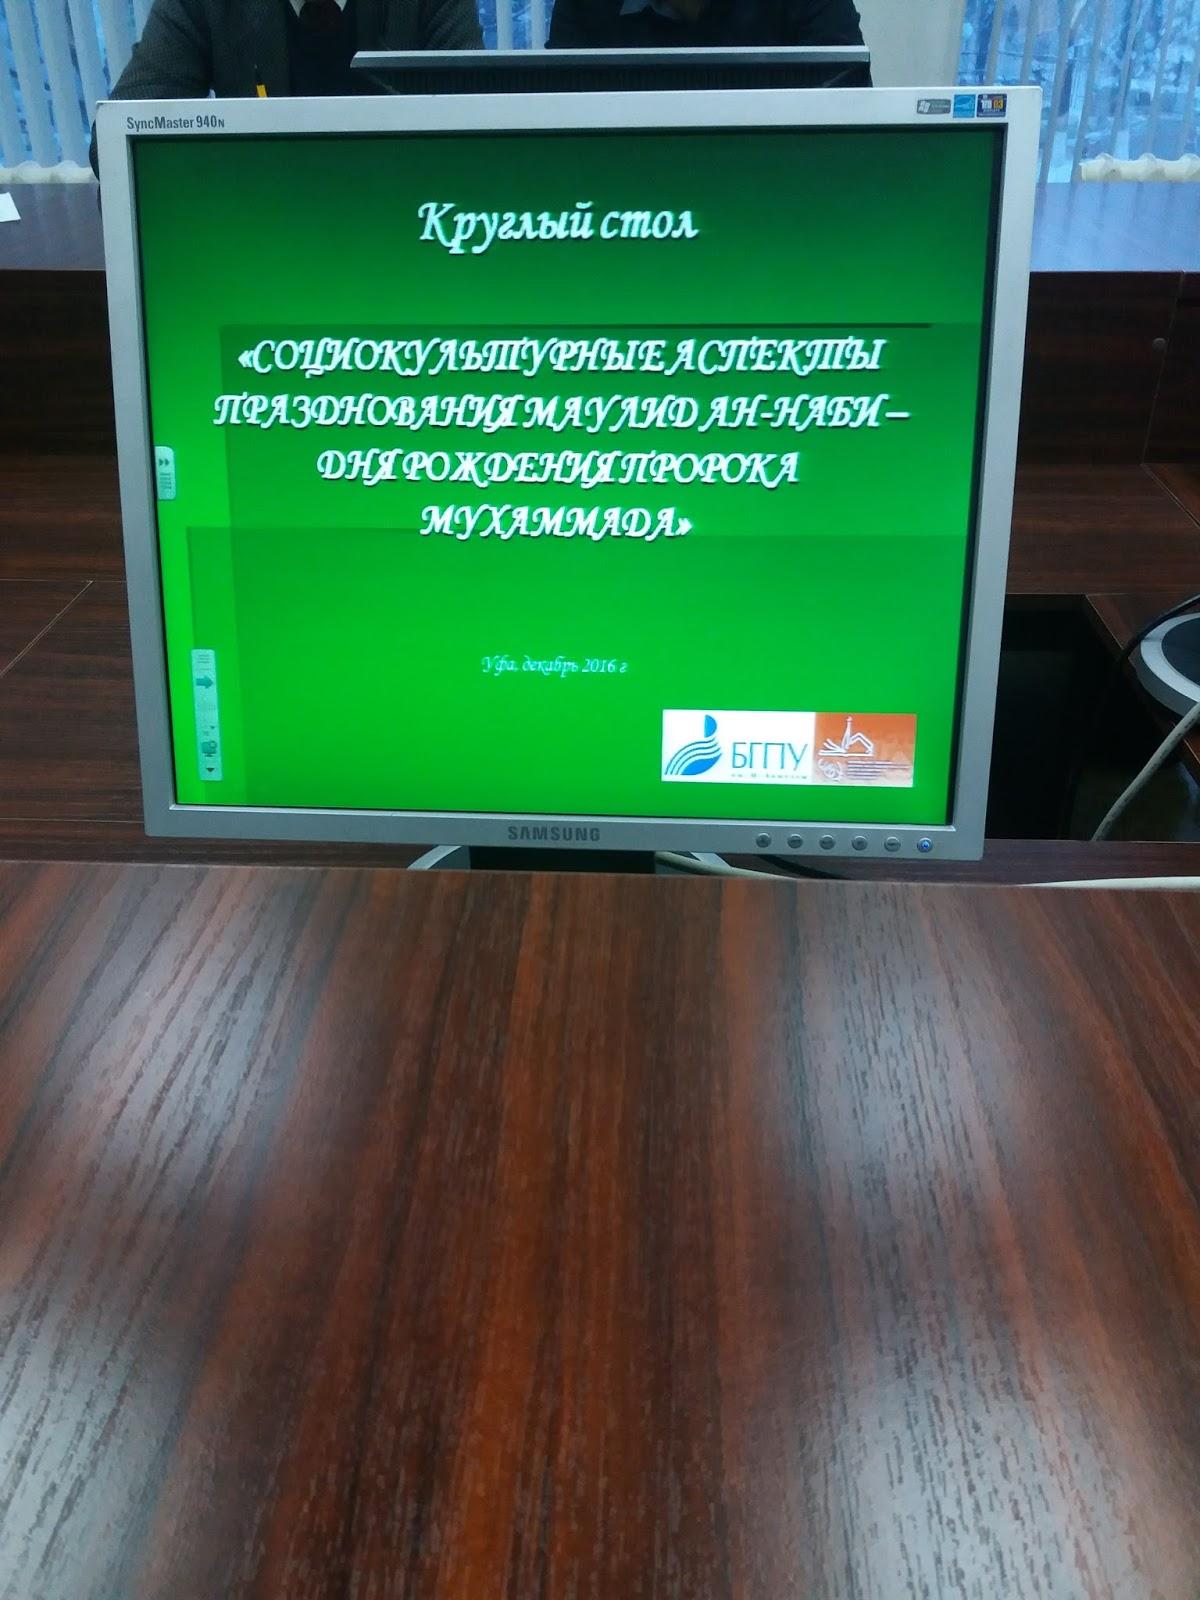 Социо-культурные аспекты празнования Мавлид ан-Наби обсудили в Уфе